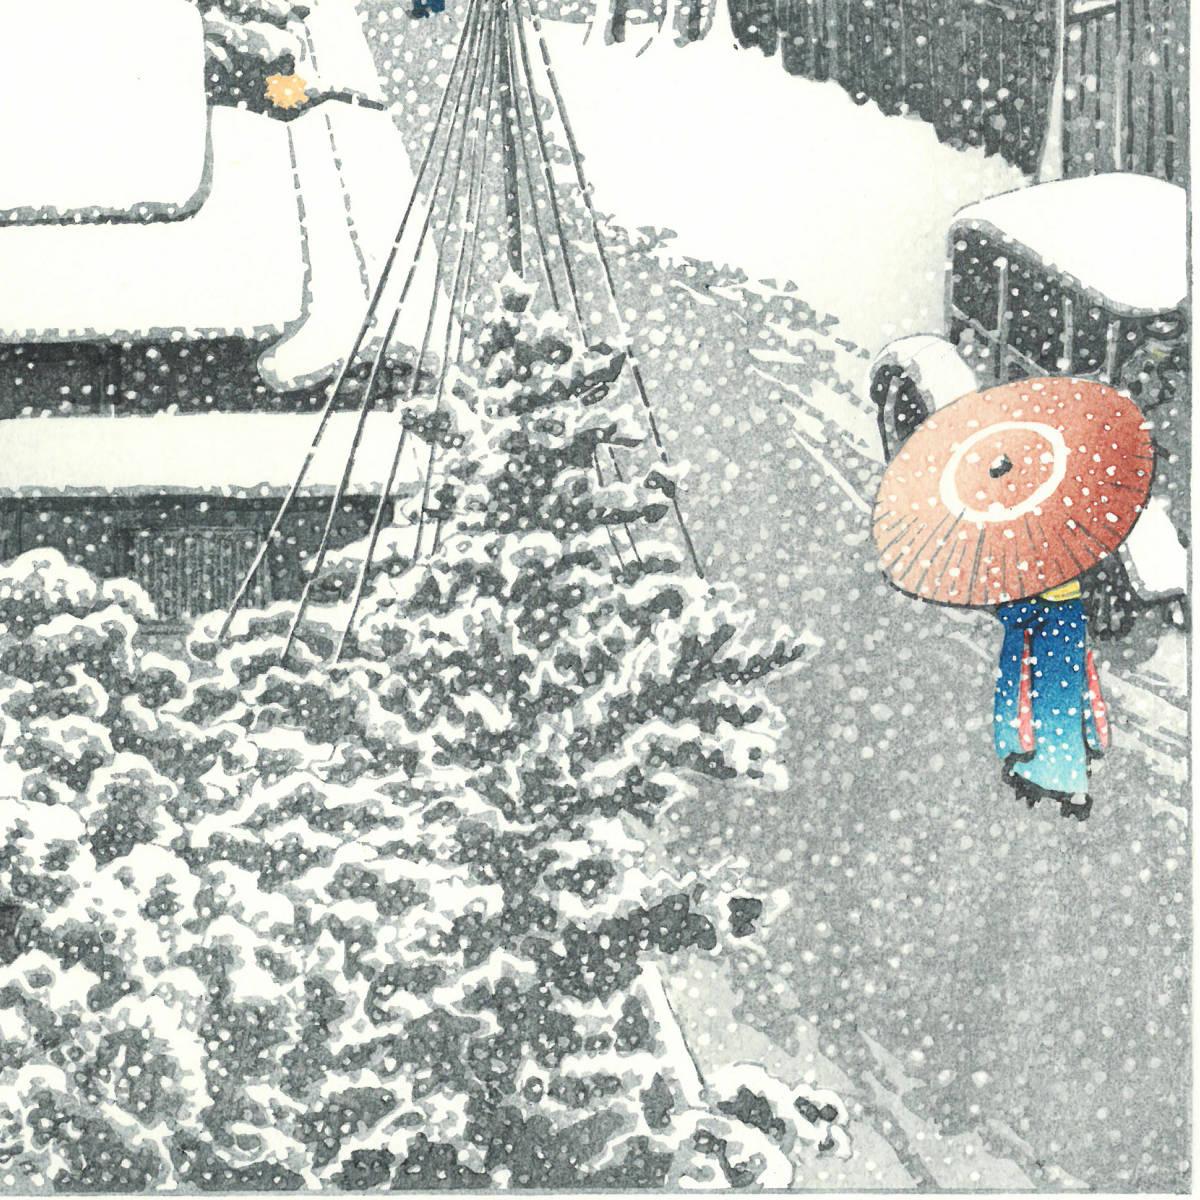 川瀬巴水 木版画  HKS-16 代地の雪  初版 1925年 大正14年2月 (新版画) 一流の摺師の技をご堪能下さい。_画像10